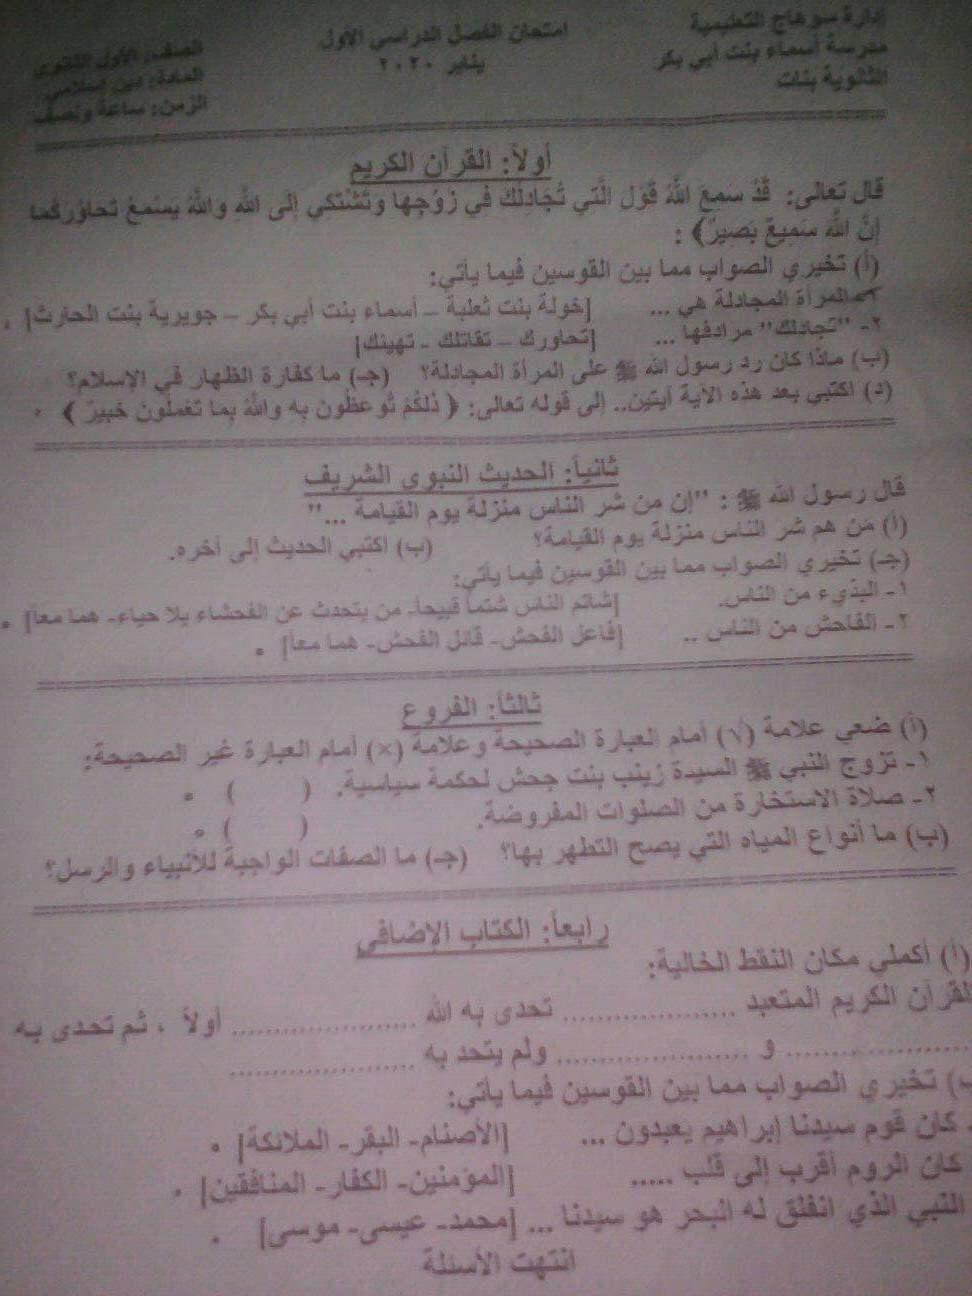 امتحان التربية الاسلامية اولى ثانوى ترم أول 2020 ادارة سوهاج التعليمية